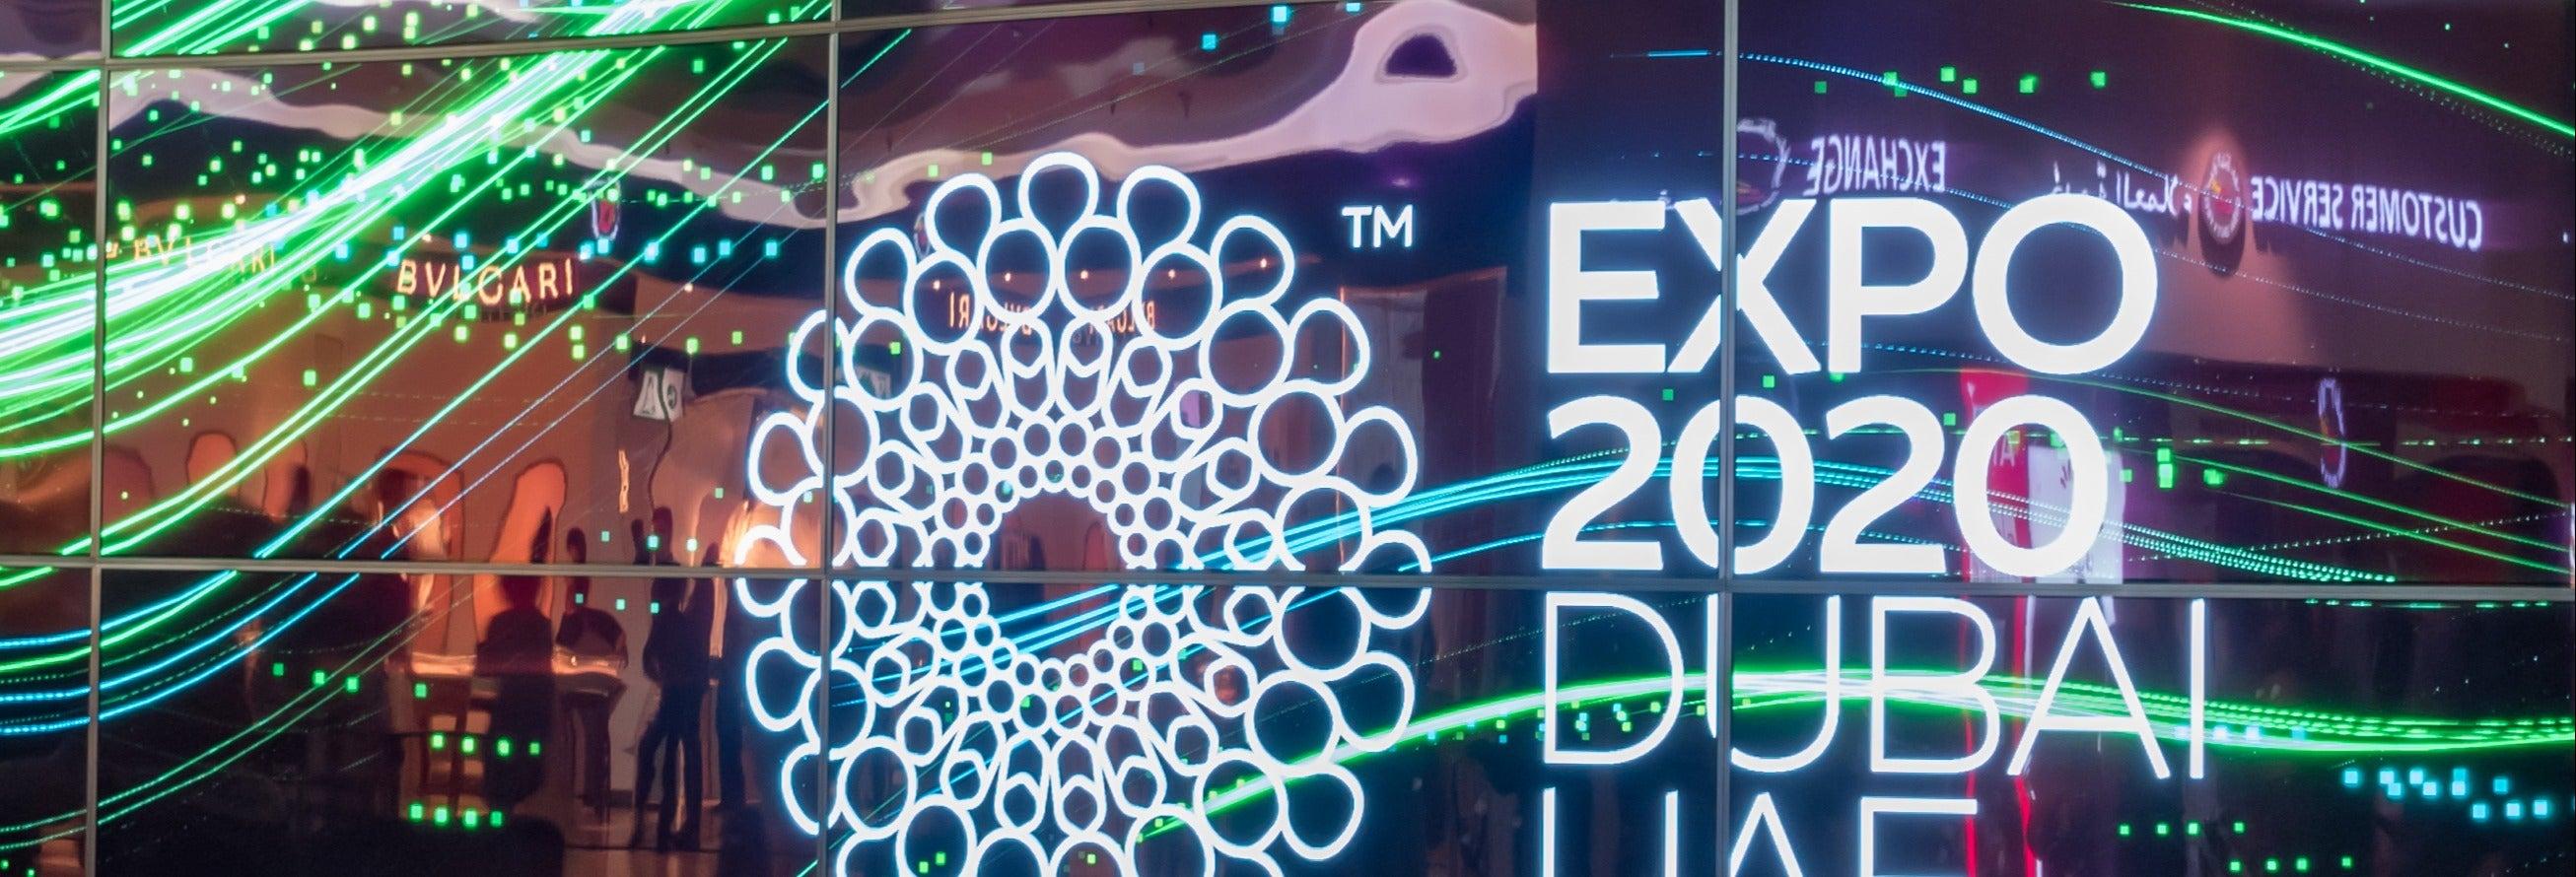 Biglietti per l'Expo 2020 Dubai